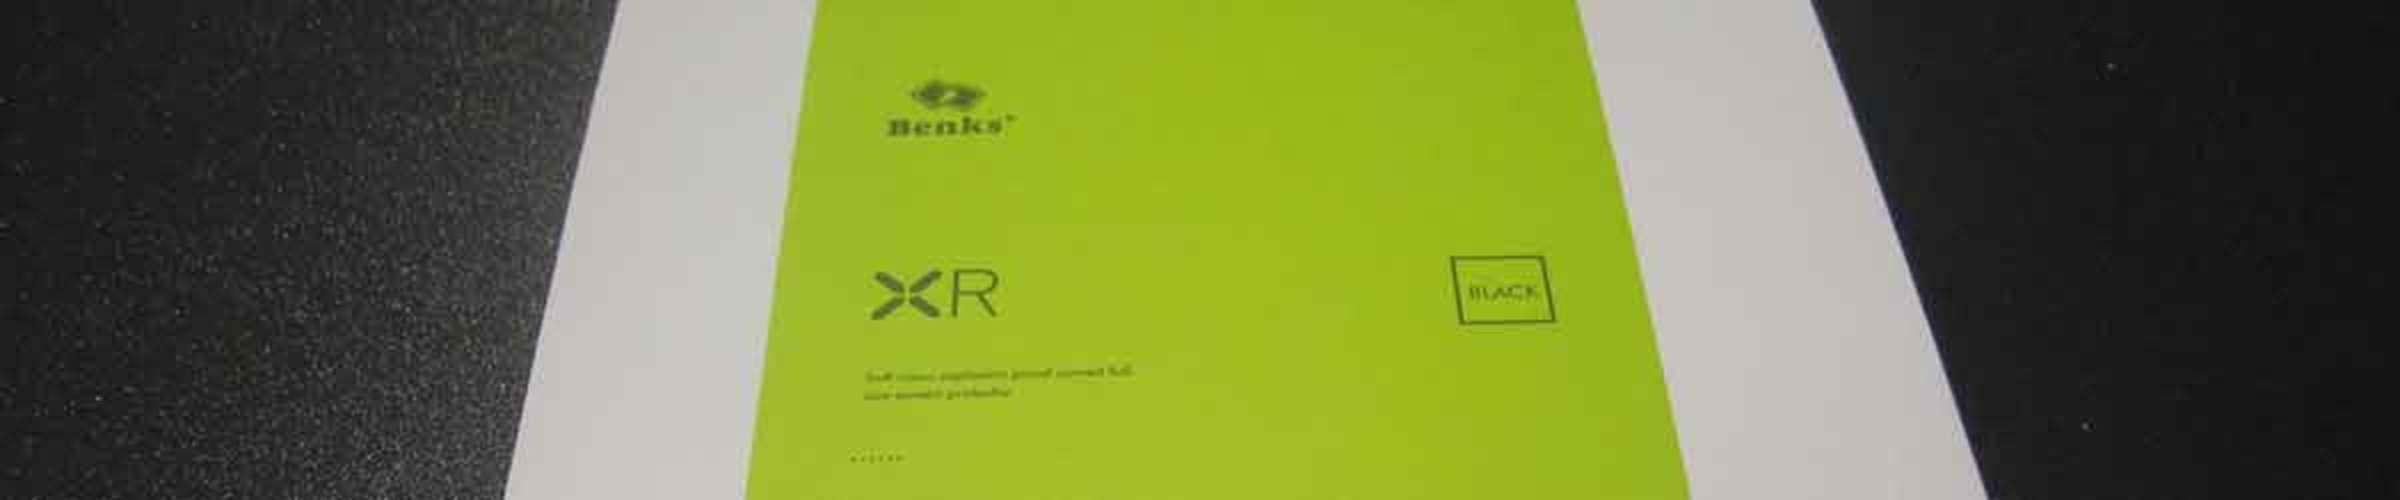 Обзор защитной пленки для iPhone 7/7Plus от Benks. Серия XR